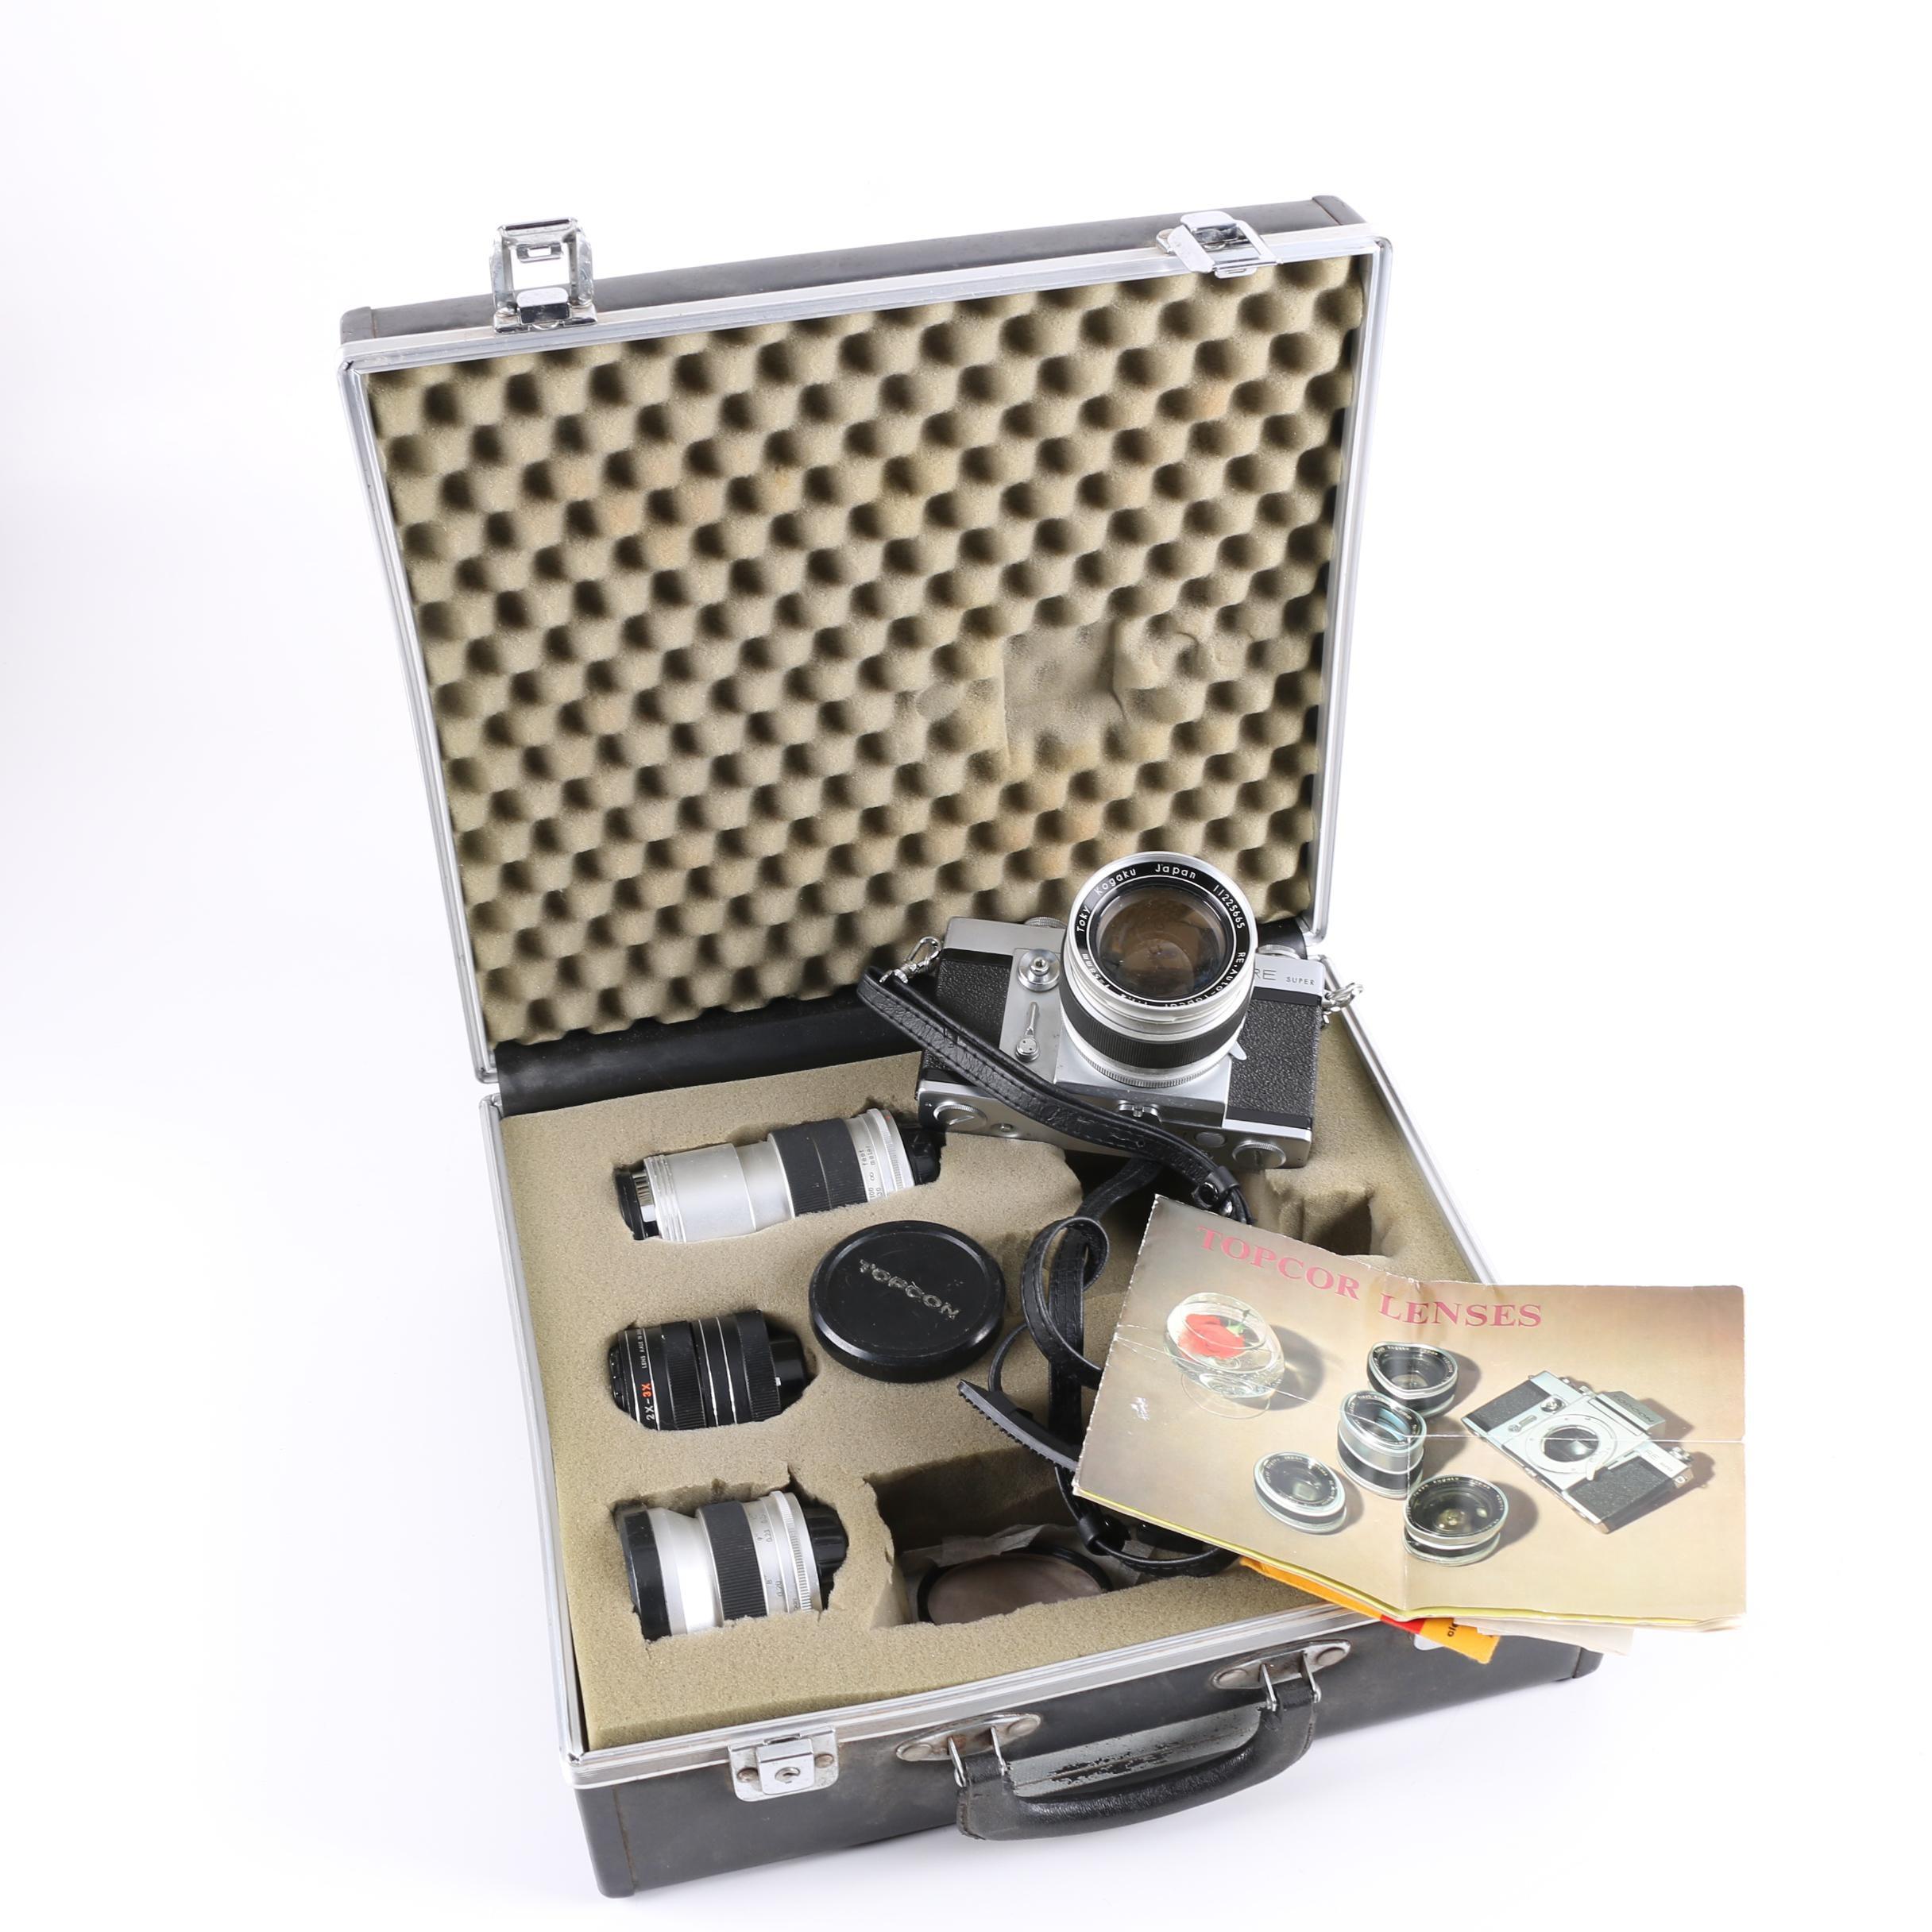 Topcon RE Super Camera with Case